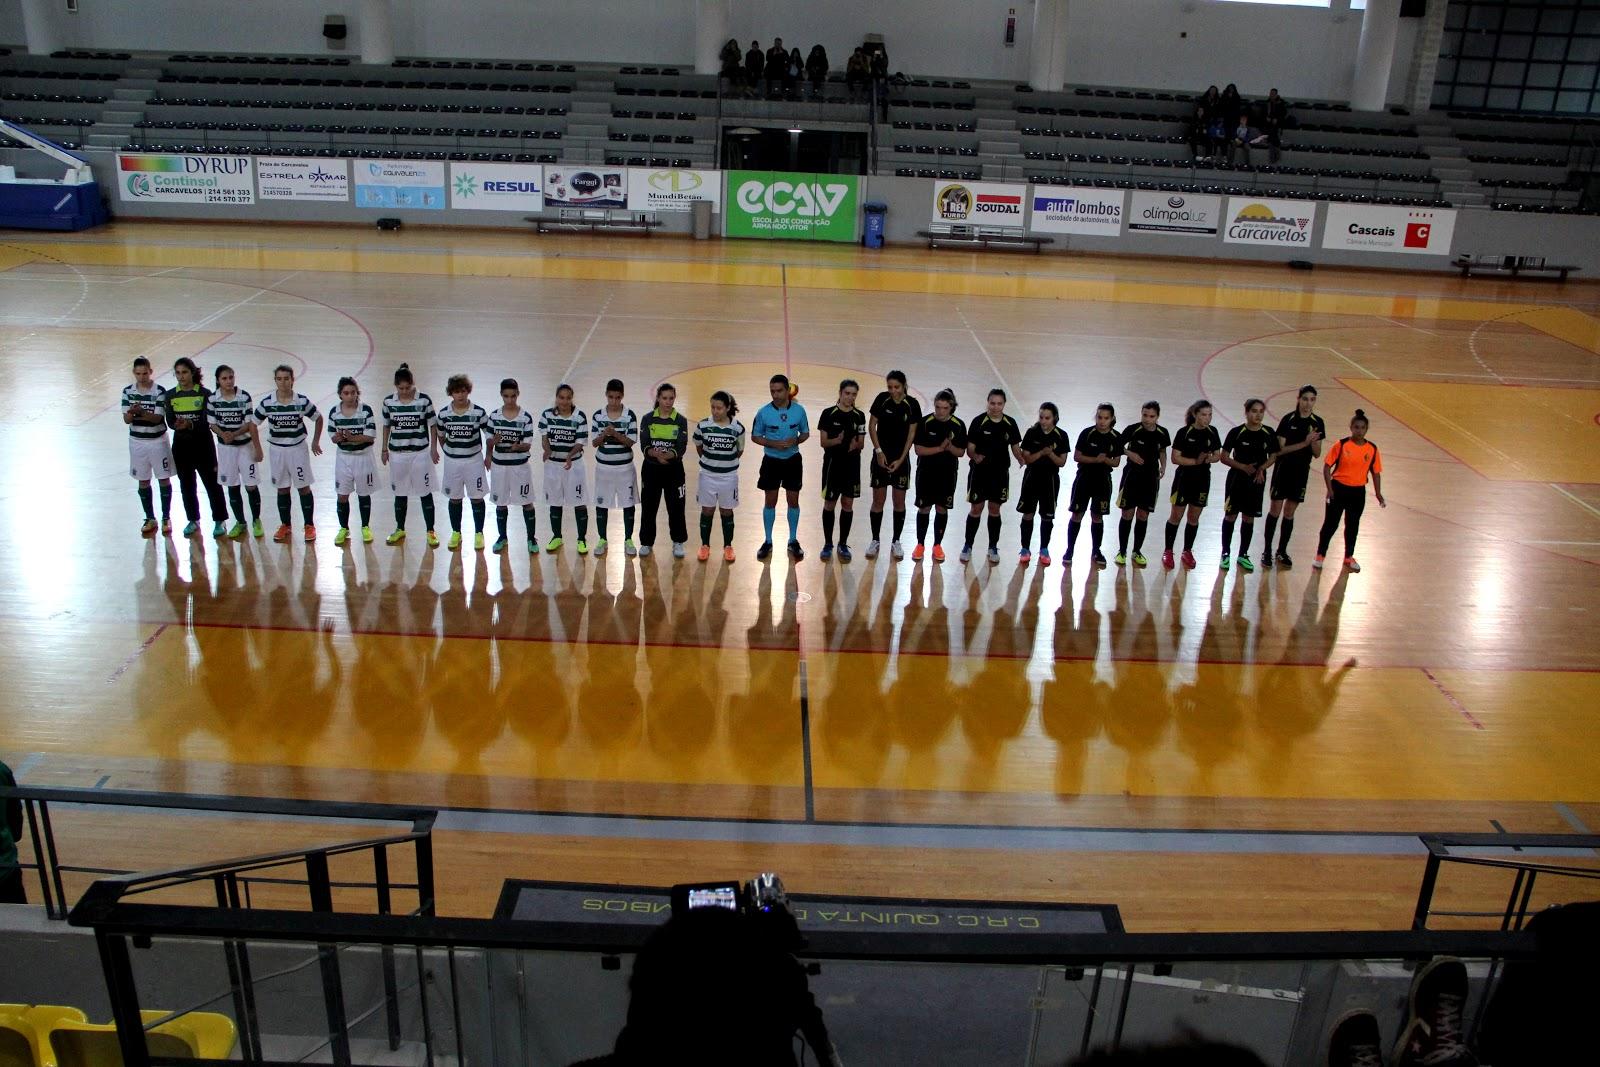 23963d73a9 AFL - CAMPEONATO DISTRITAL DE JUVENIS FEMININOS DE FUTSAL 2014-2015 - 8ª  JORNADA . CRC QUINTA DOS LOMBOS vs SPORTING CP